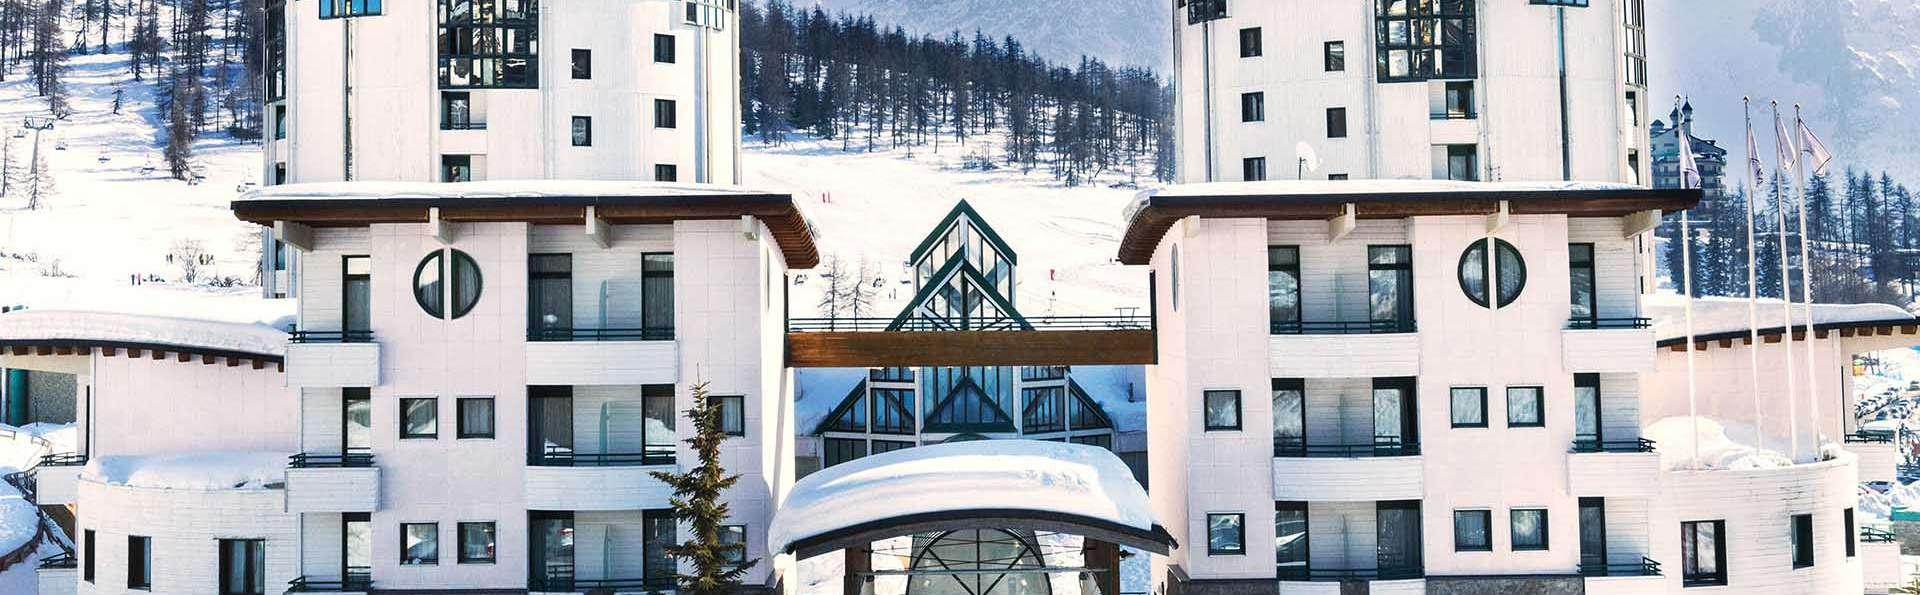 Week-end en montagne à Sestrières au cœur des Alpes piémontaises